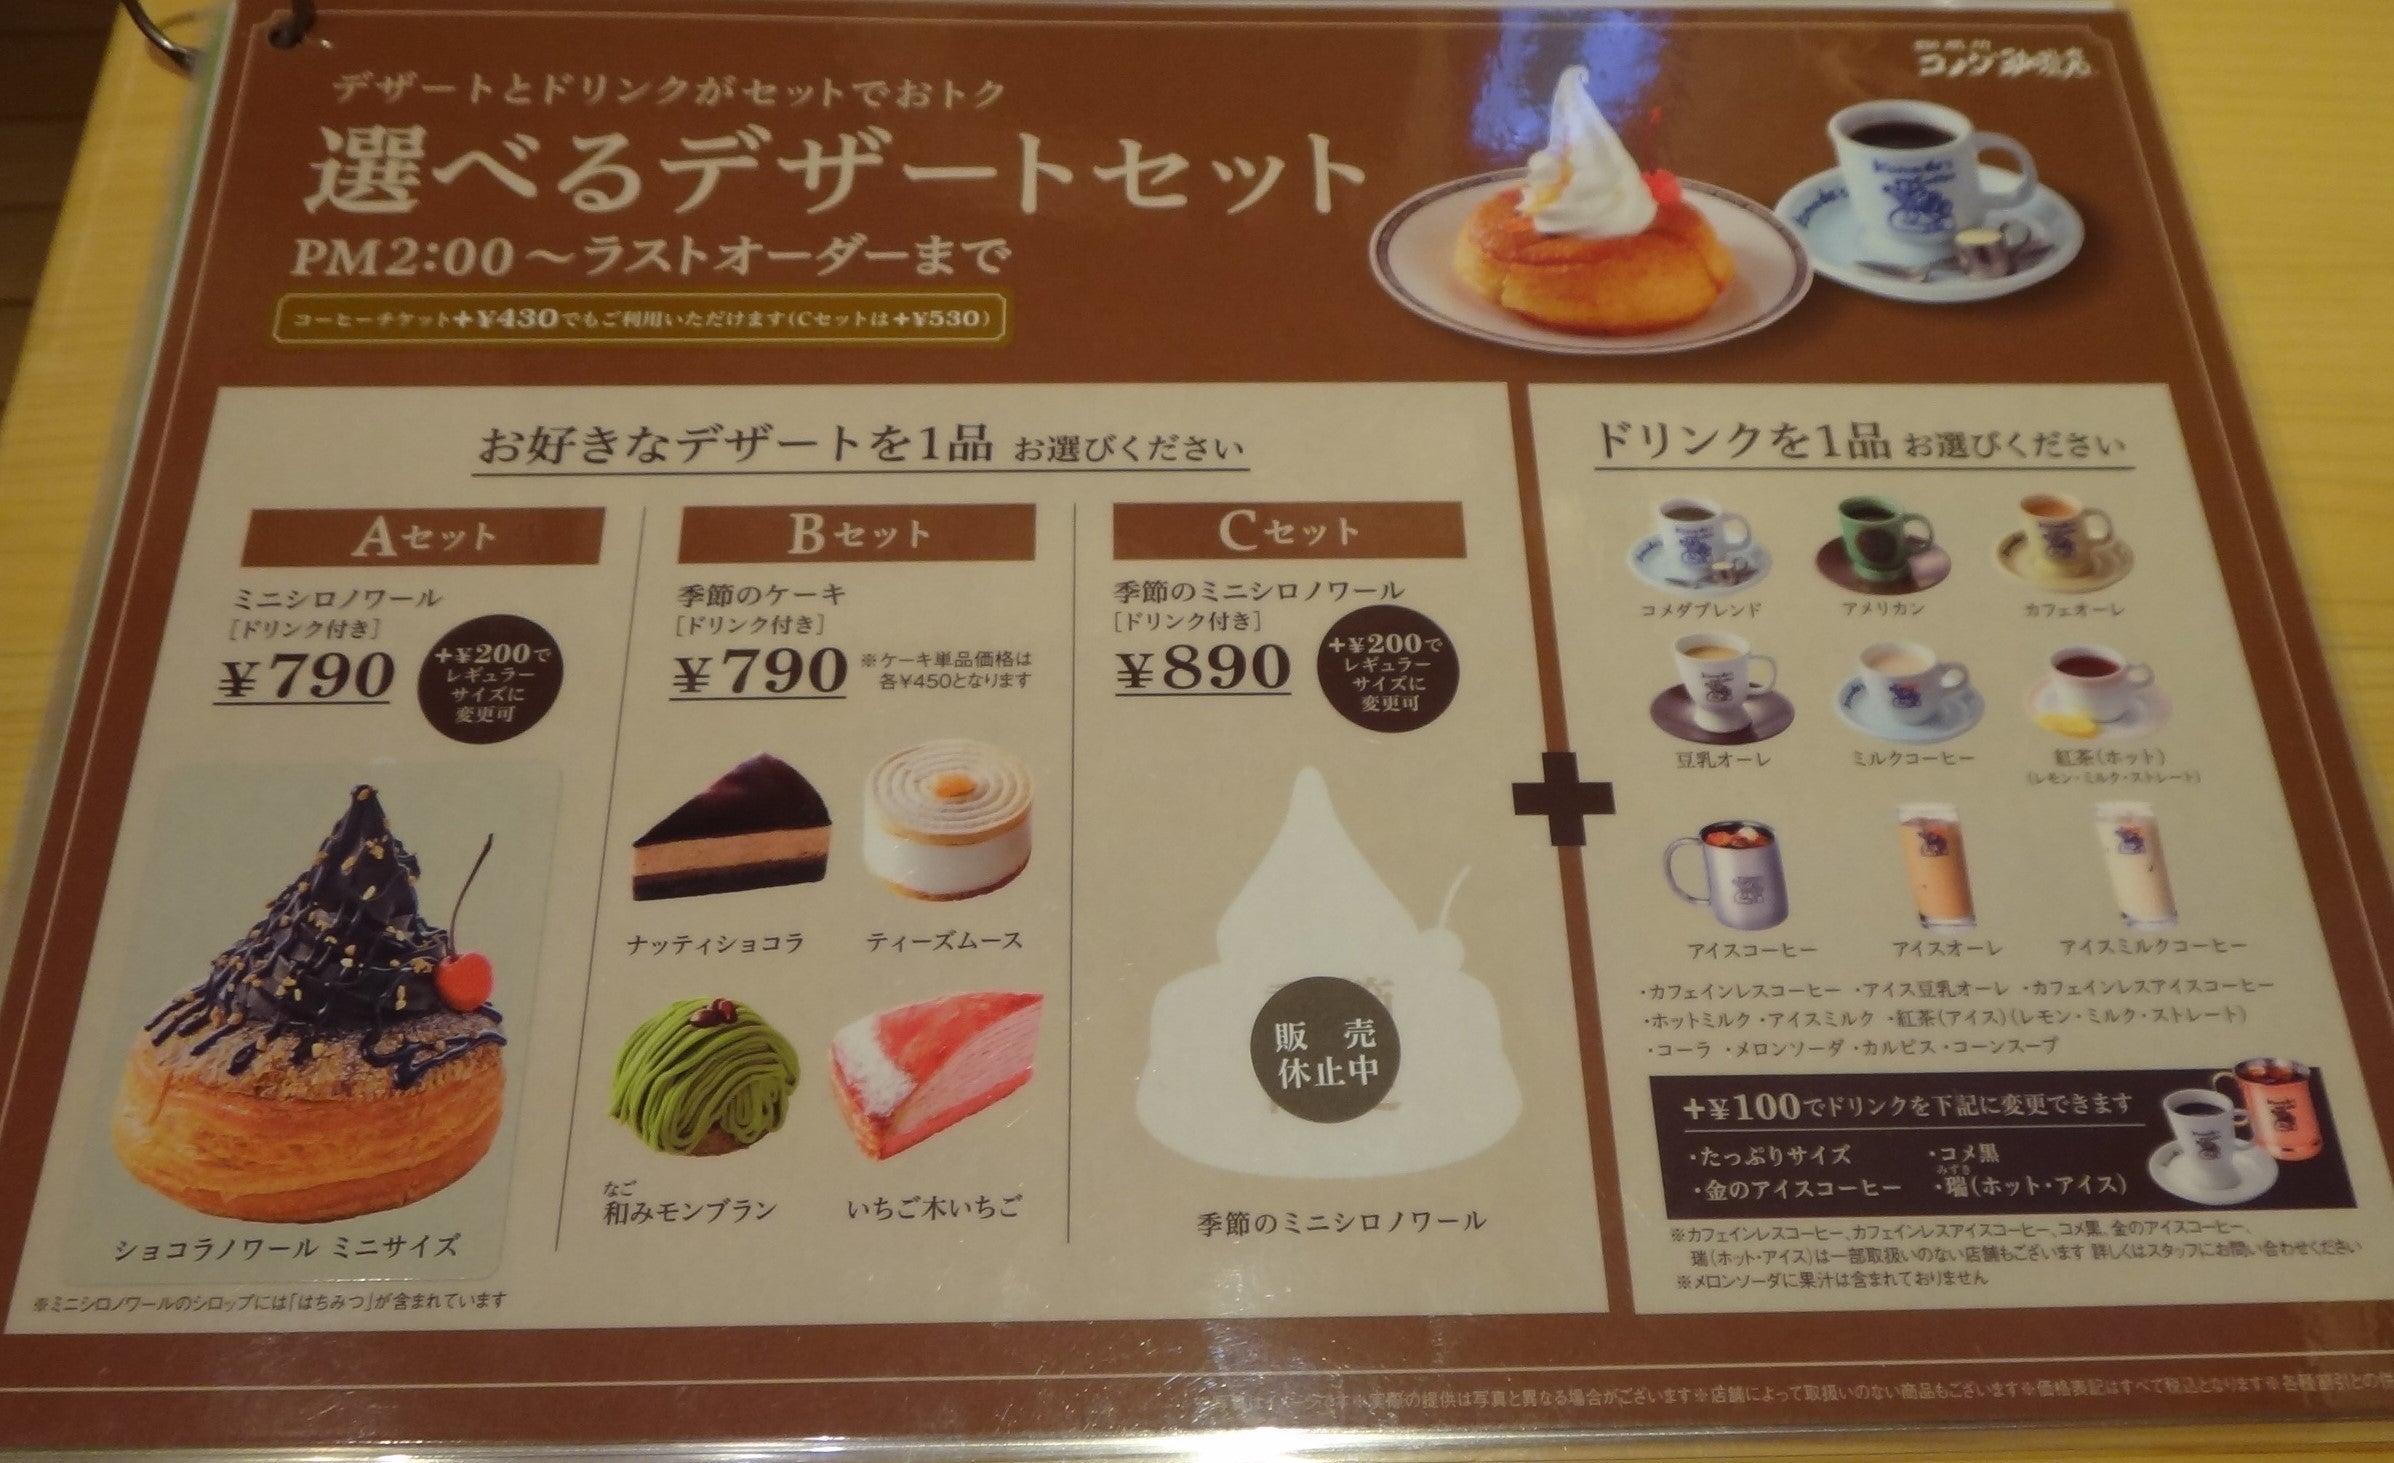 都道府県別コメダ珈琲店店舗数 - とどラン